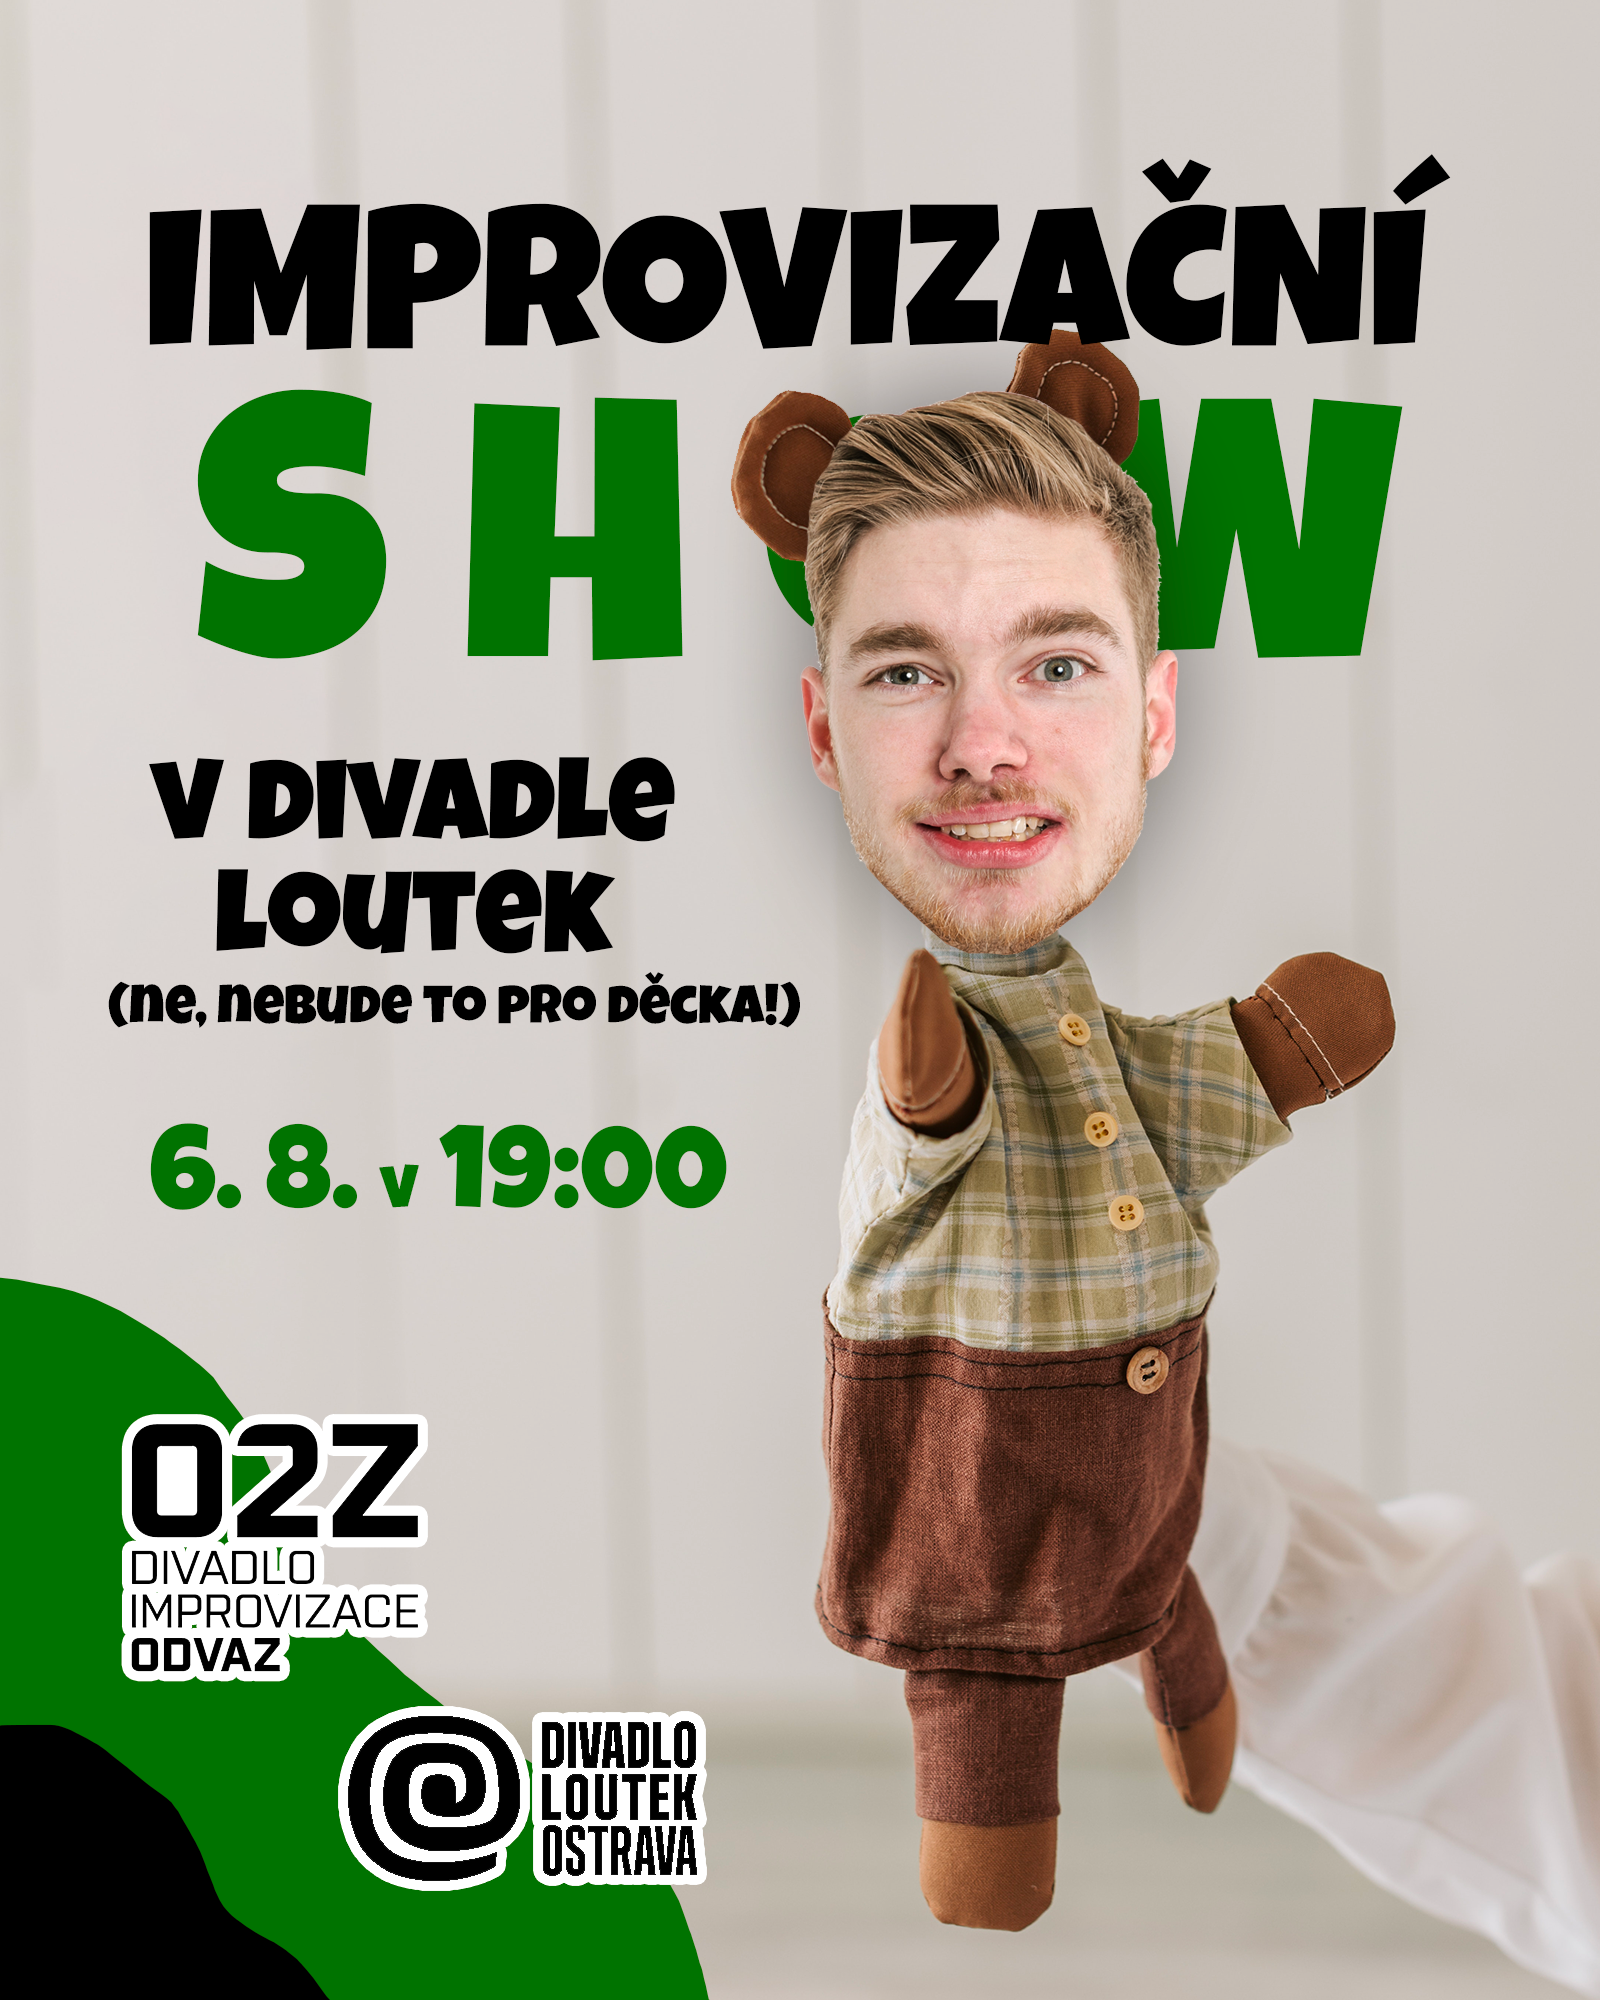 Improvizační show na festivalu PIMPRLÉTO